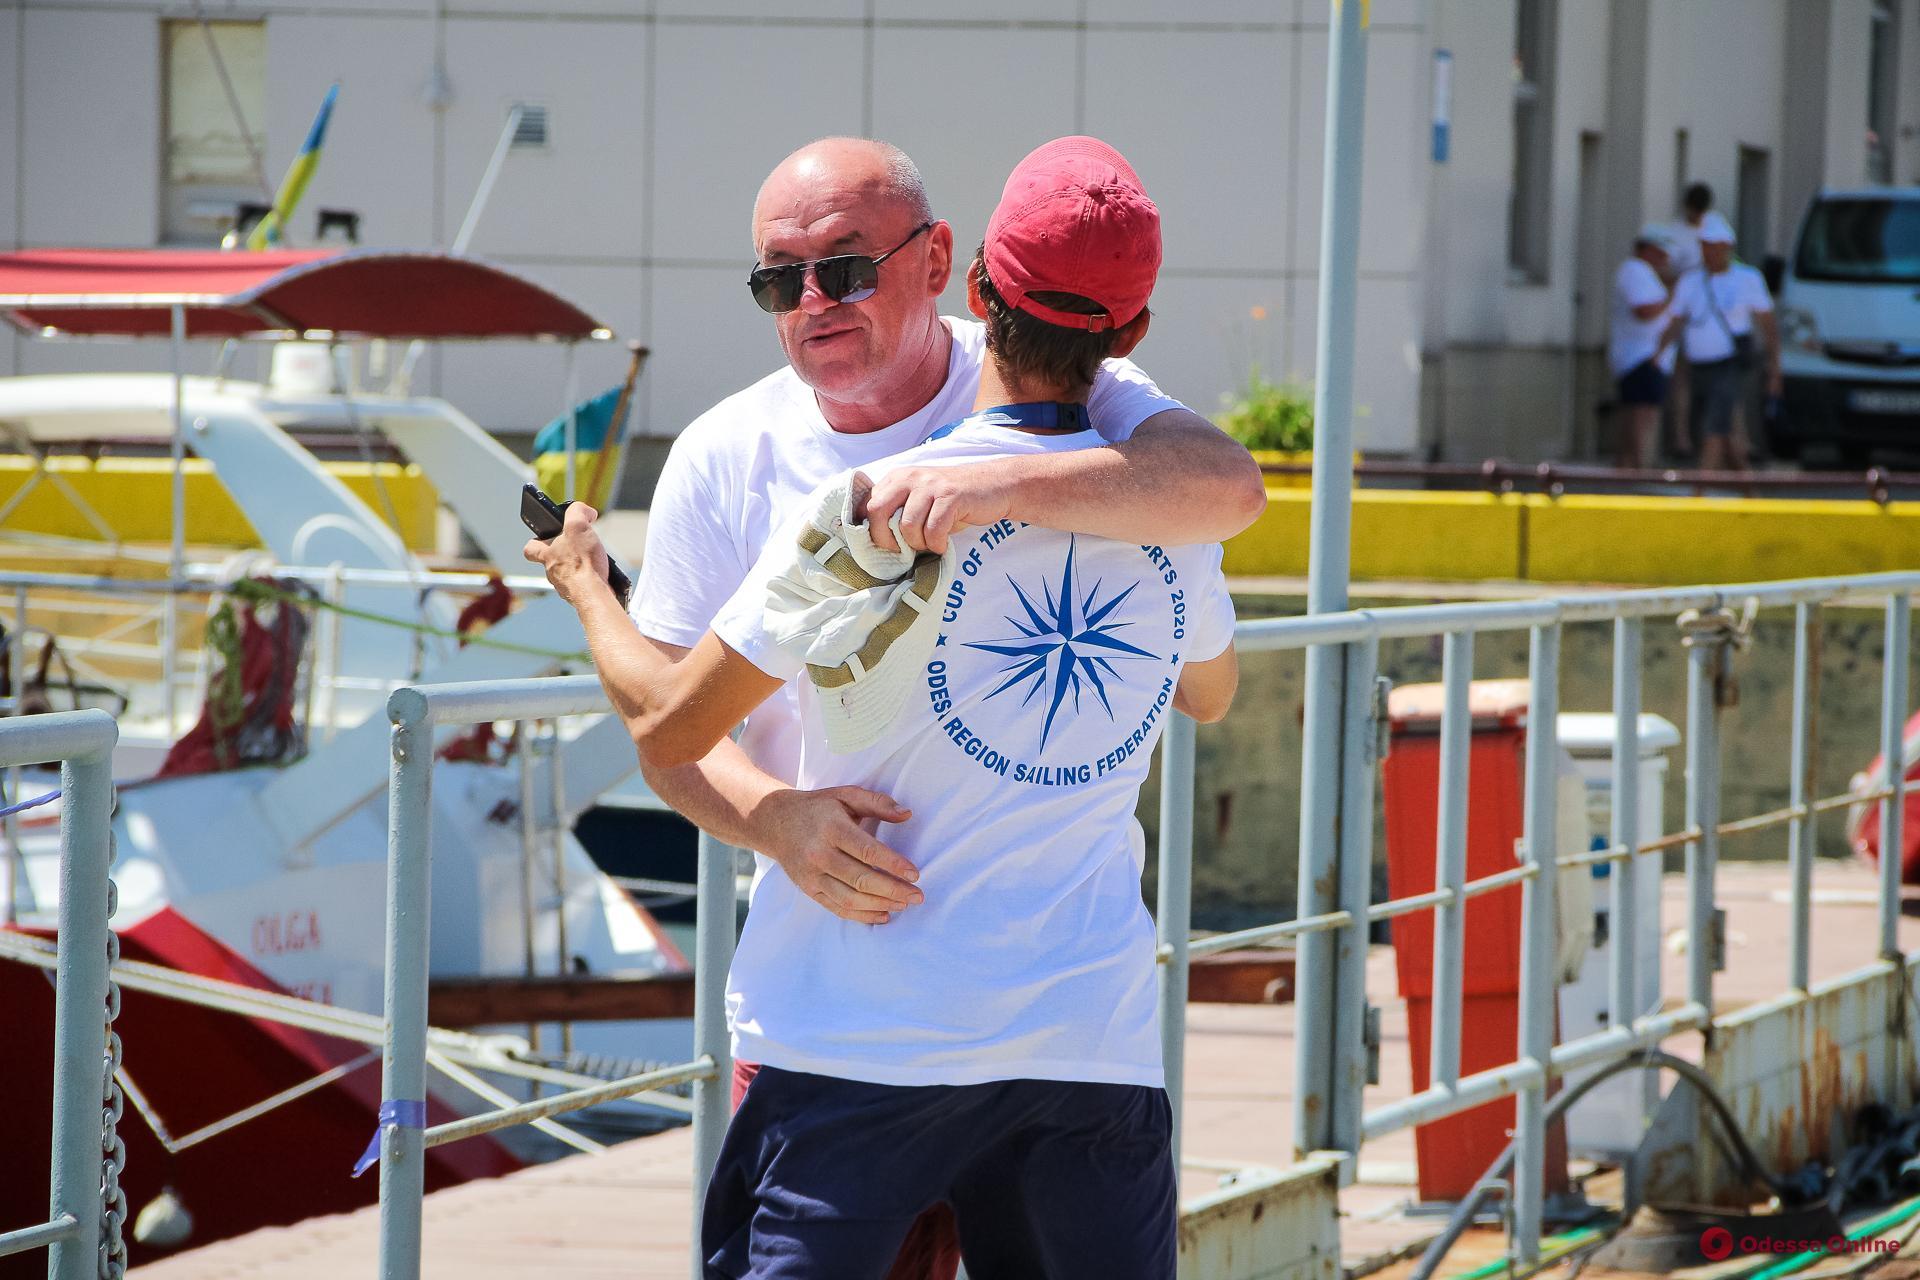 В Одессе проходит юбилейная парусная регата «Кубок портов Черного моря—2020» (фото)